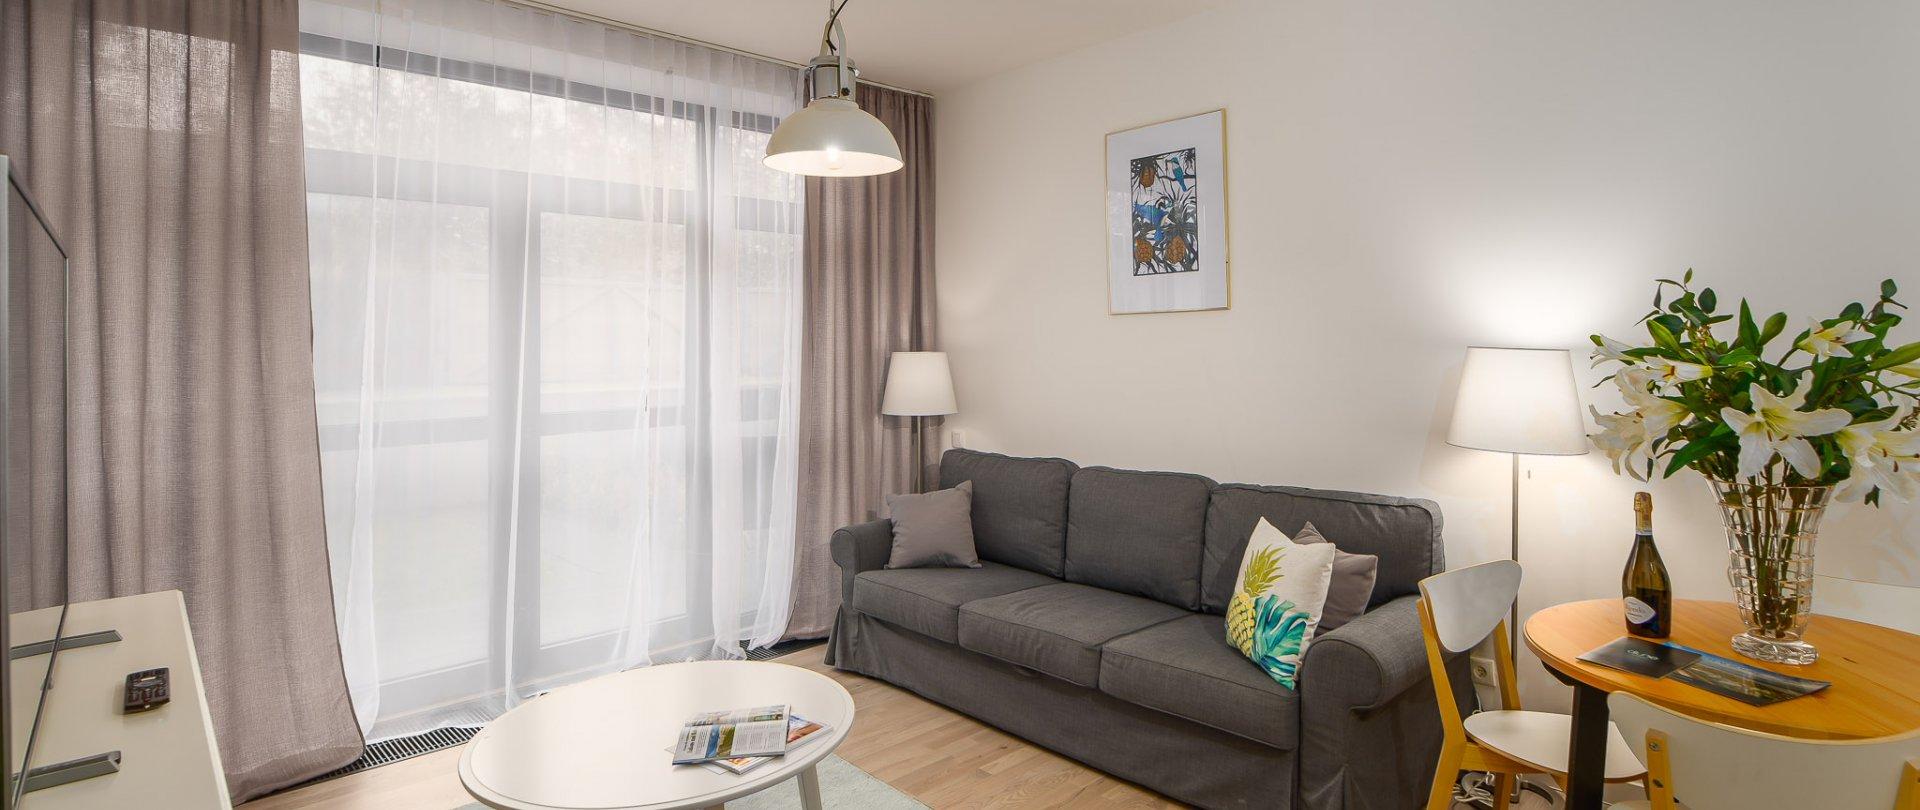 Vierbettzimmer Appartement Classic